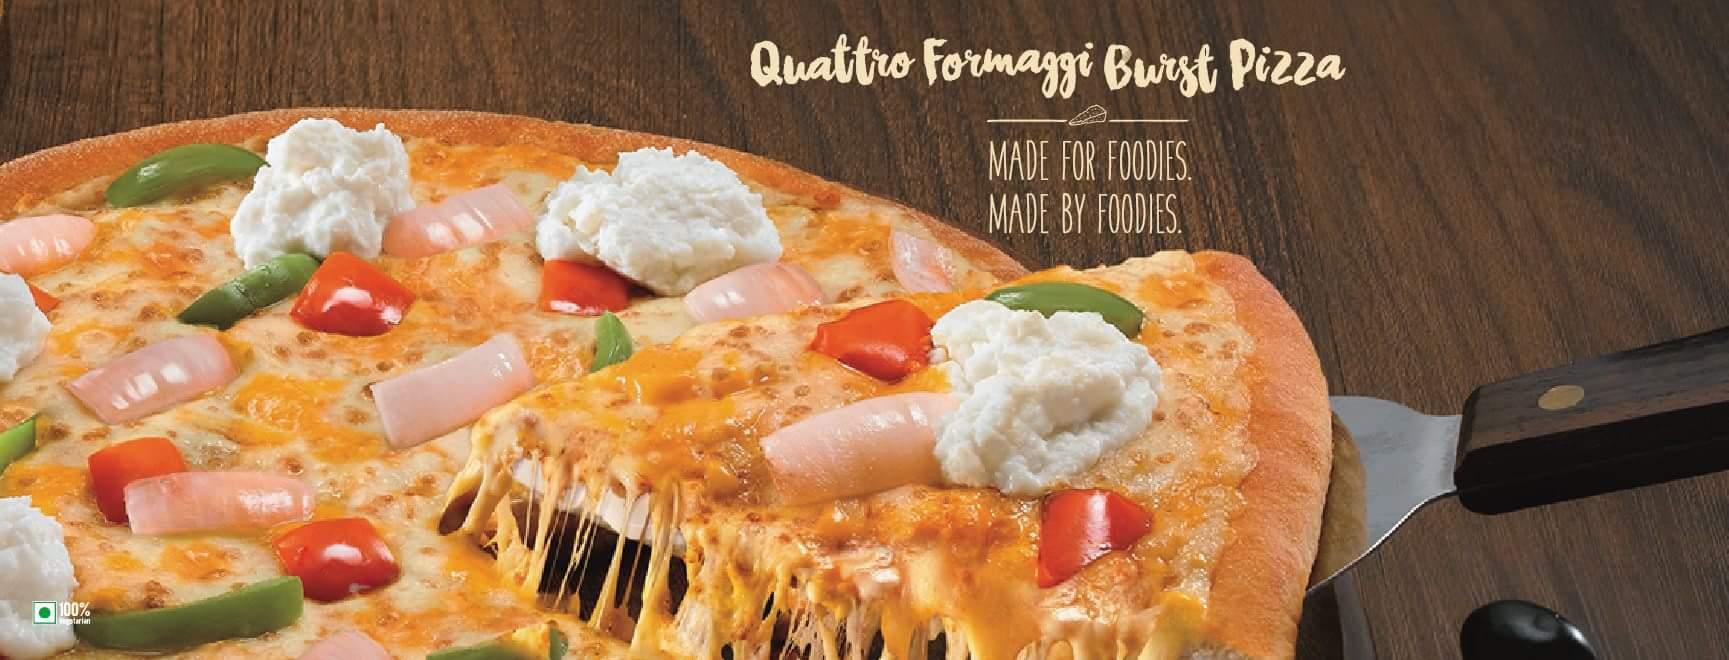 Review | New Domino's Quattro Formaggi Pizza Burst